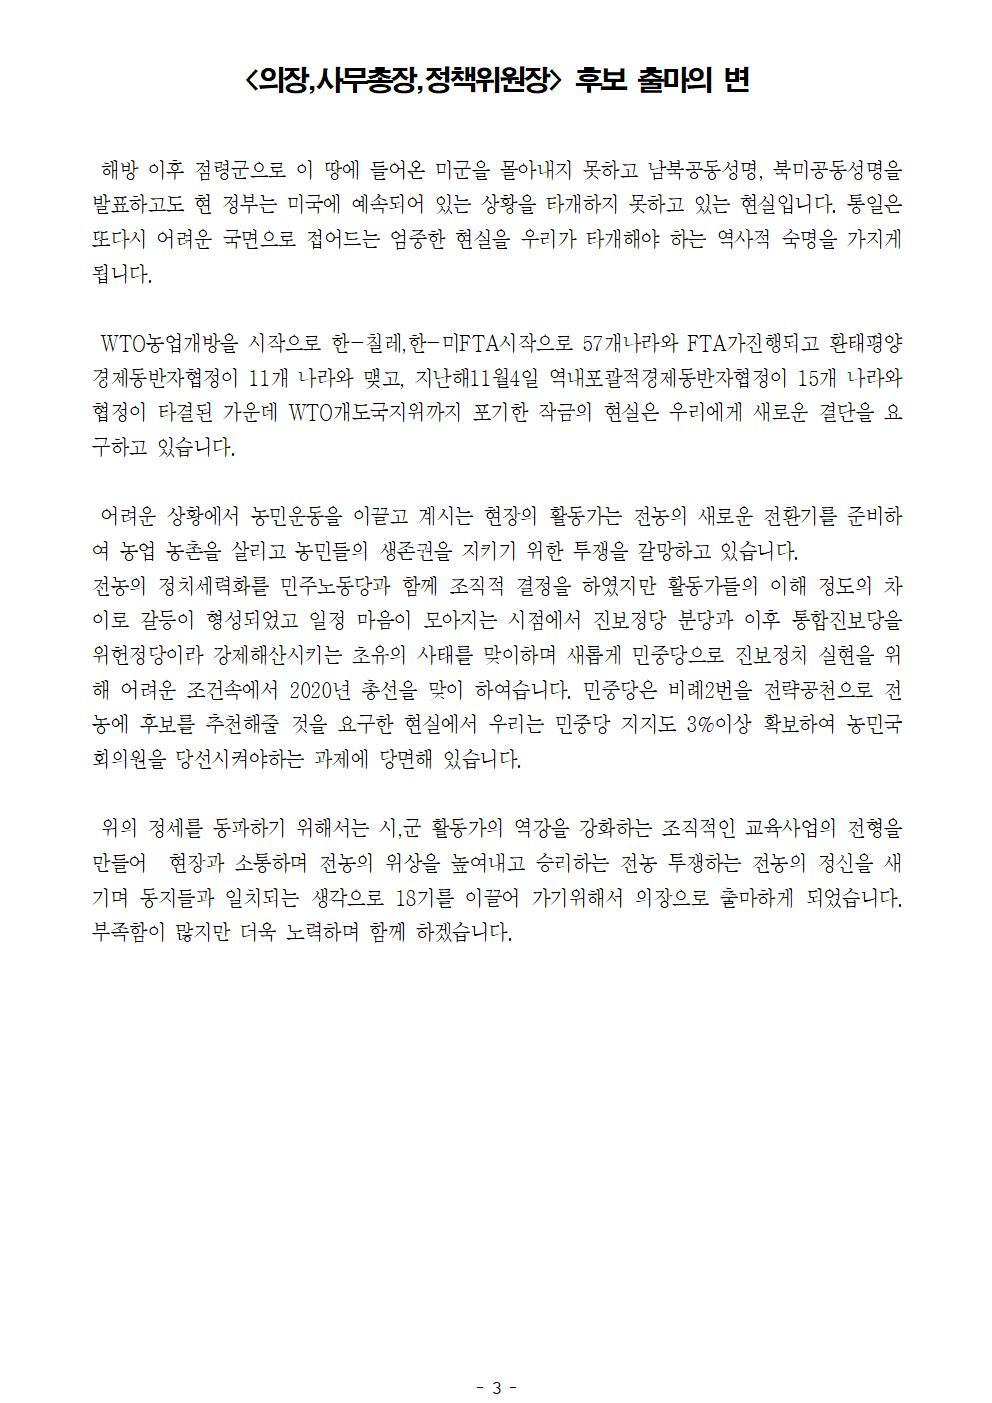 200203_18기_임원선거_선거공보003.jpg